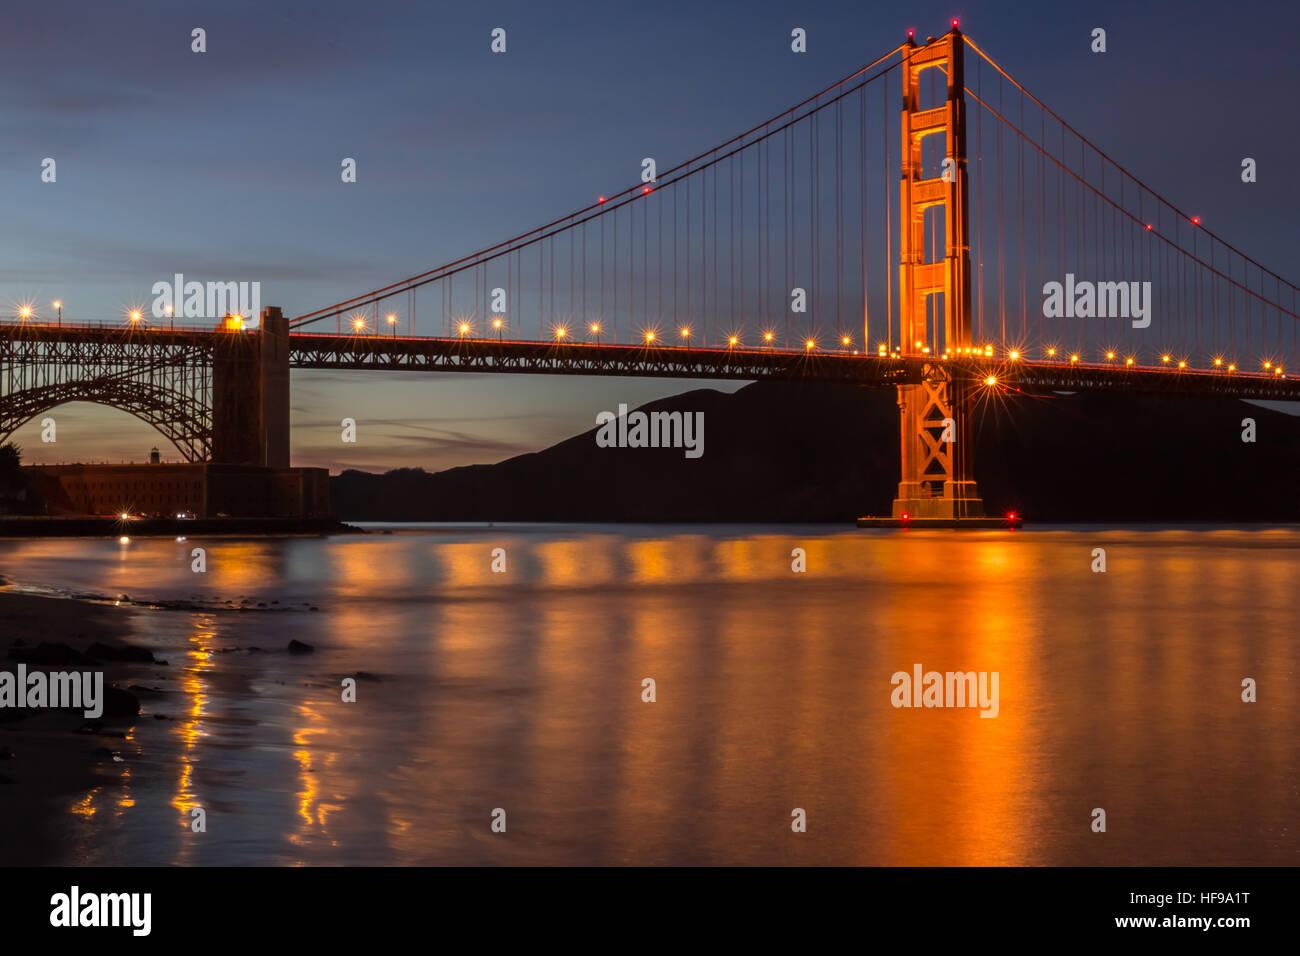 Puente Golden Gate y Reflejos de agua. Fort Point, San Francisco, California, EE.UU. Foto de stock